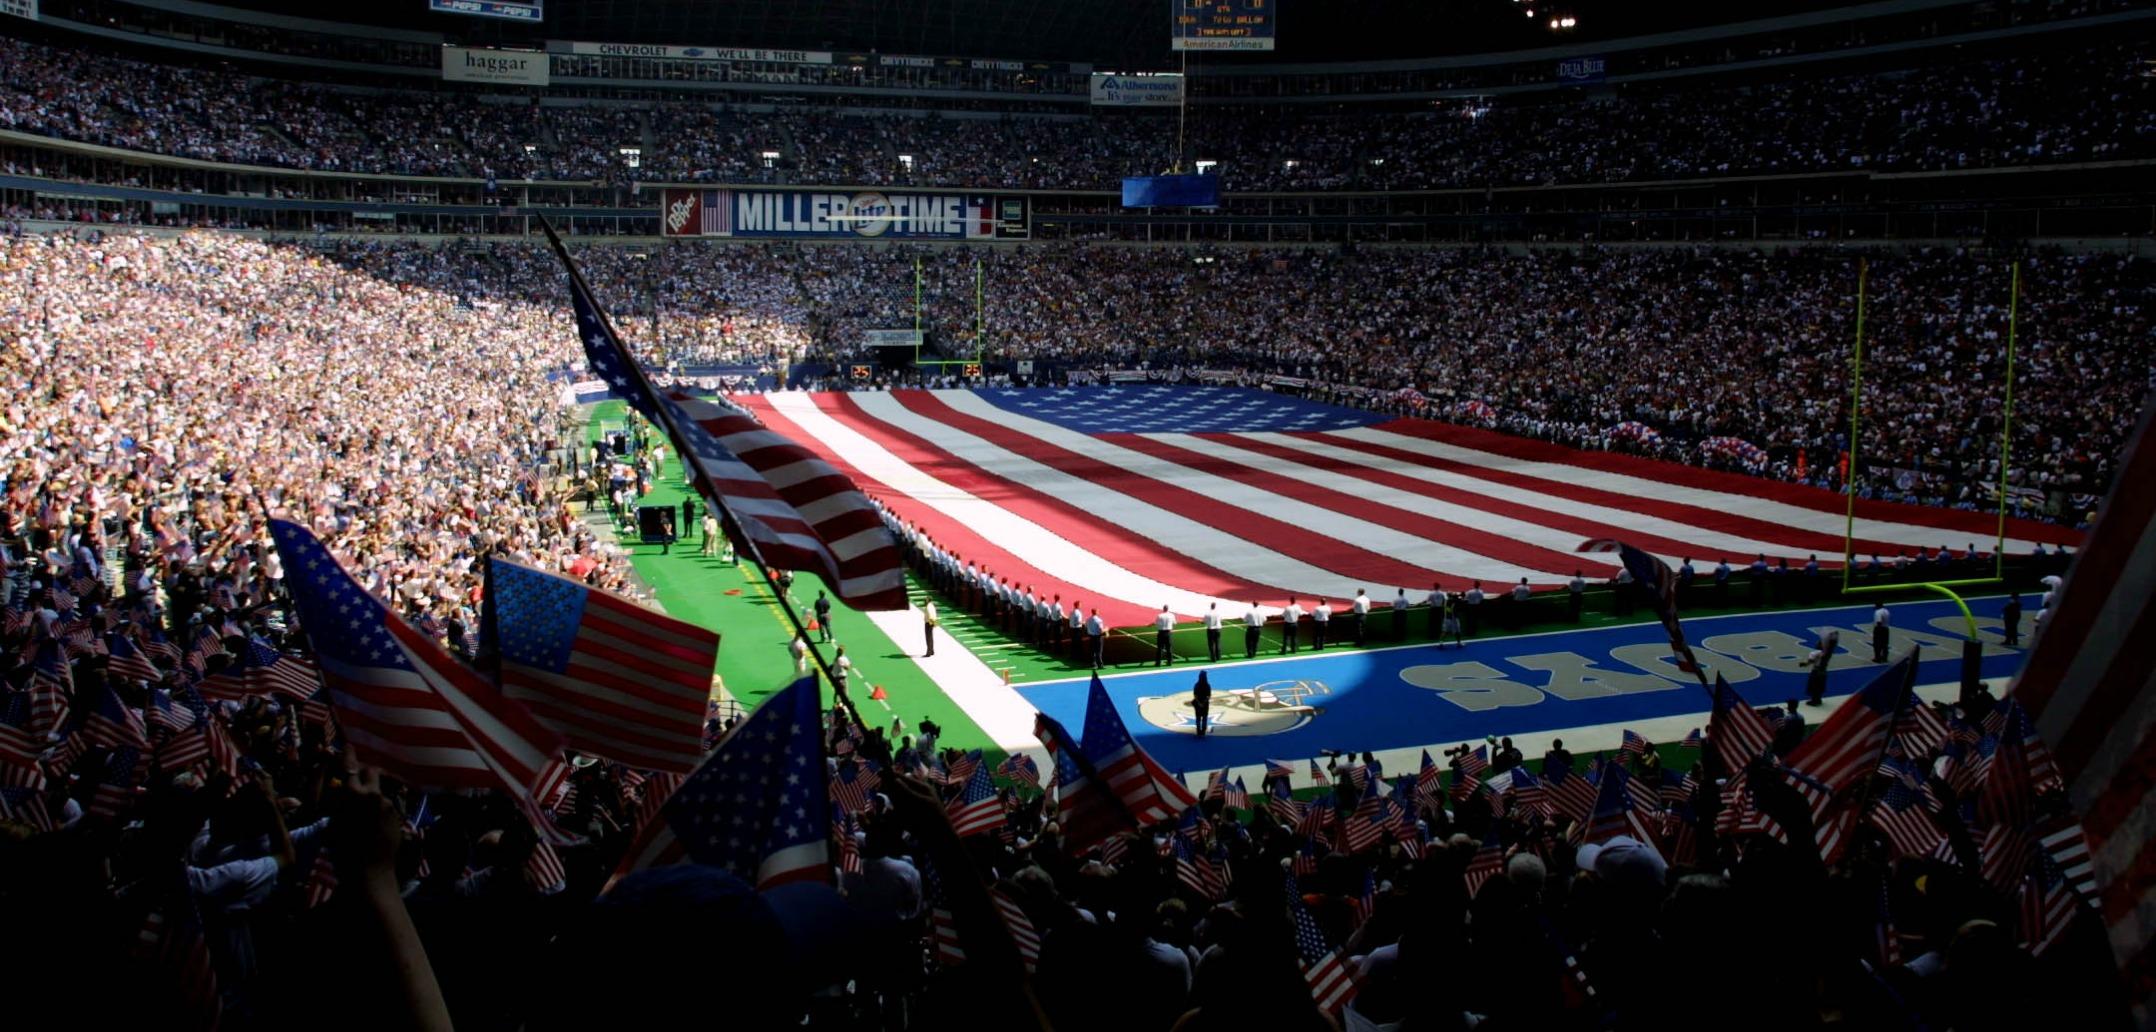 Poll: Dallas Cowboys are no Longer America's Team